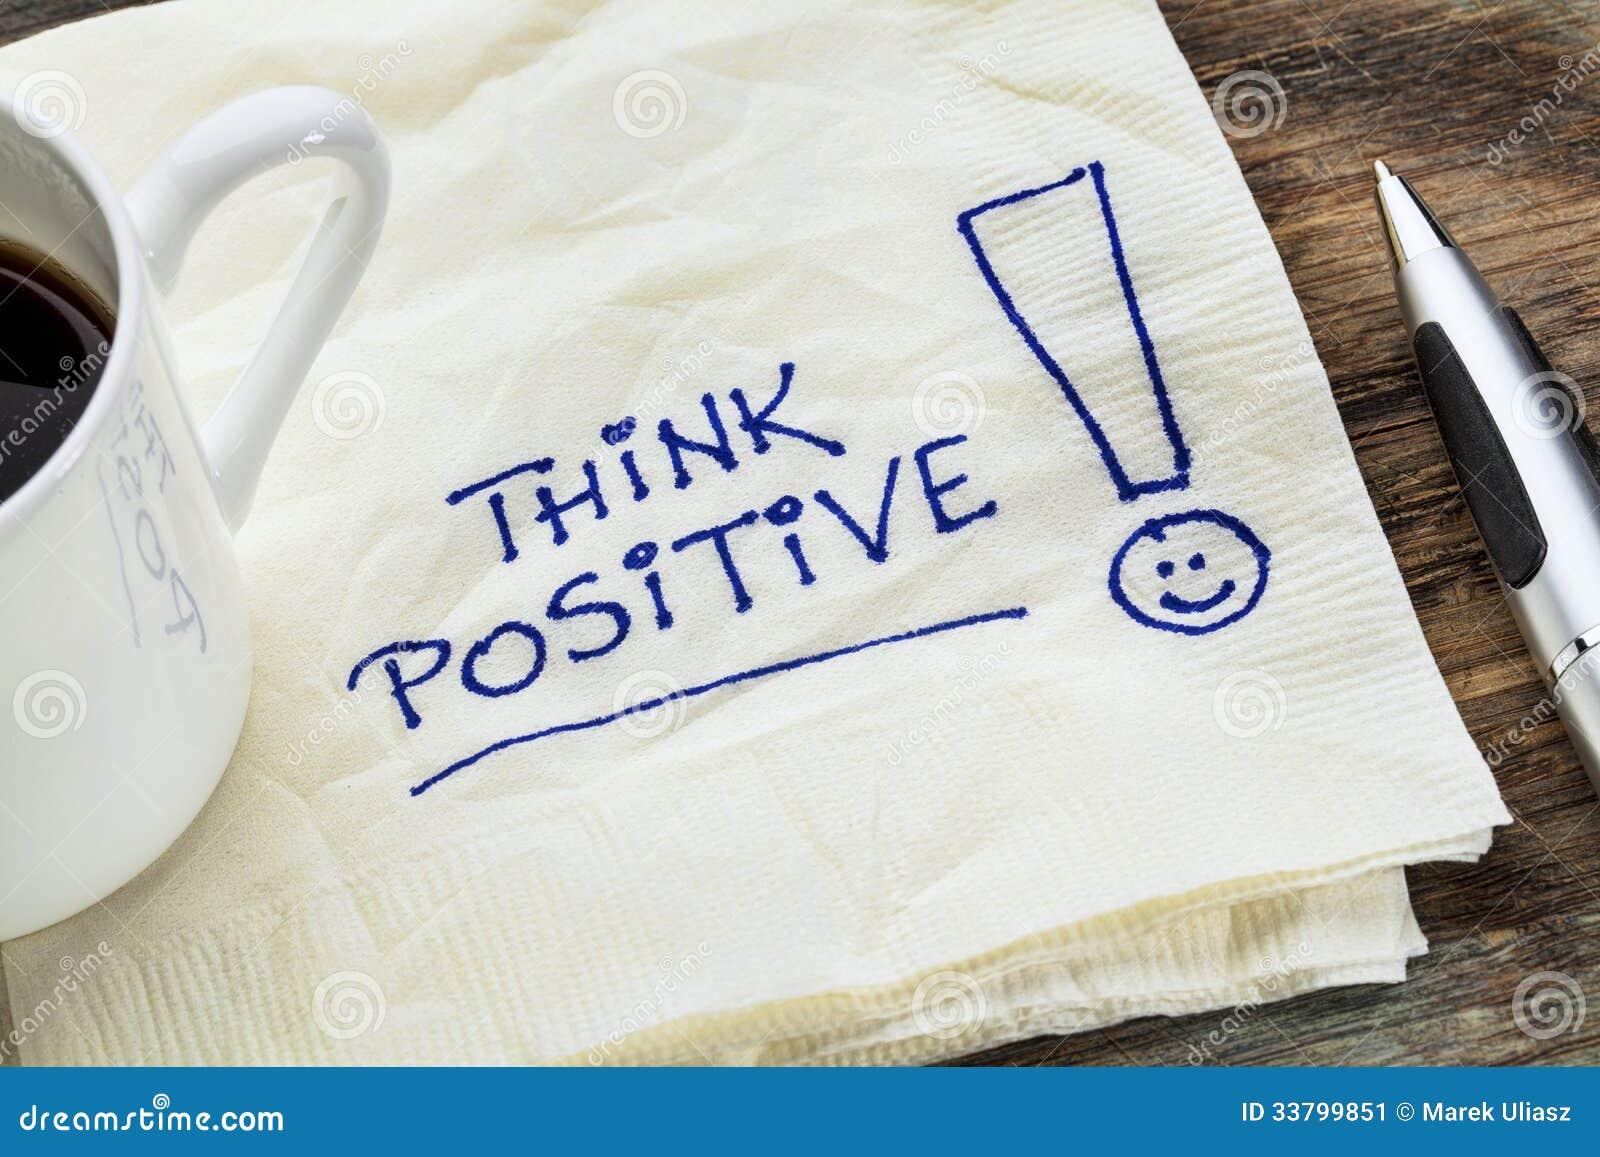 Denken Sie Positiv auf einer Serviette